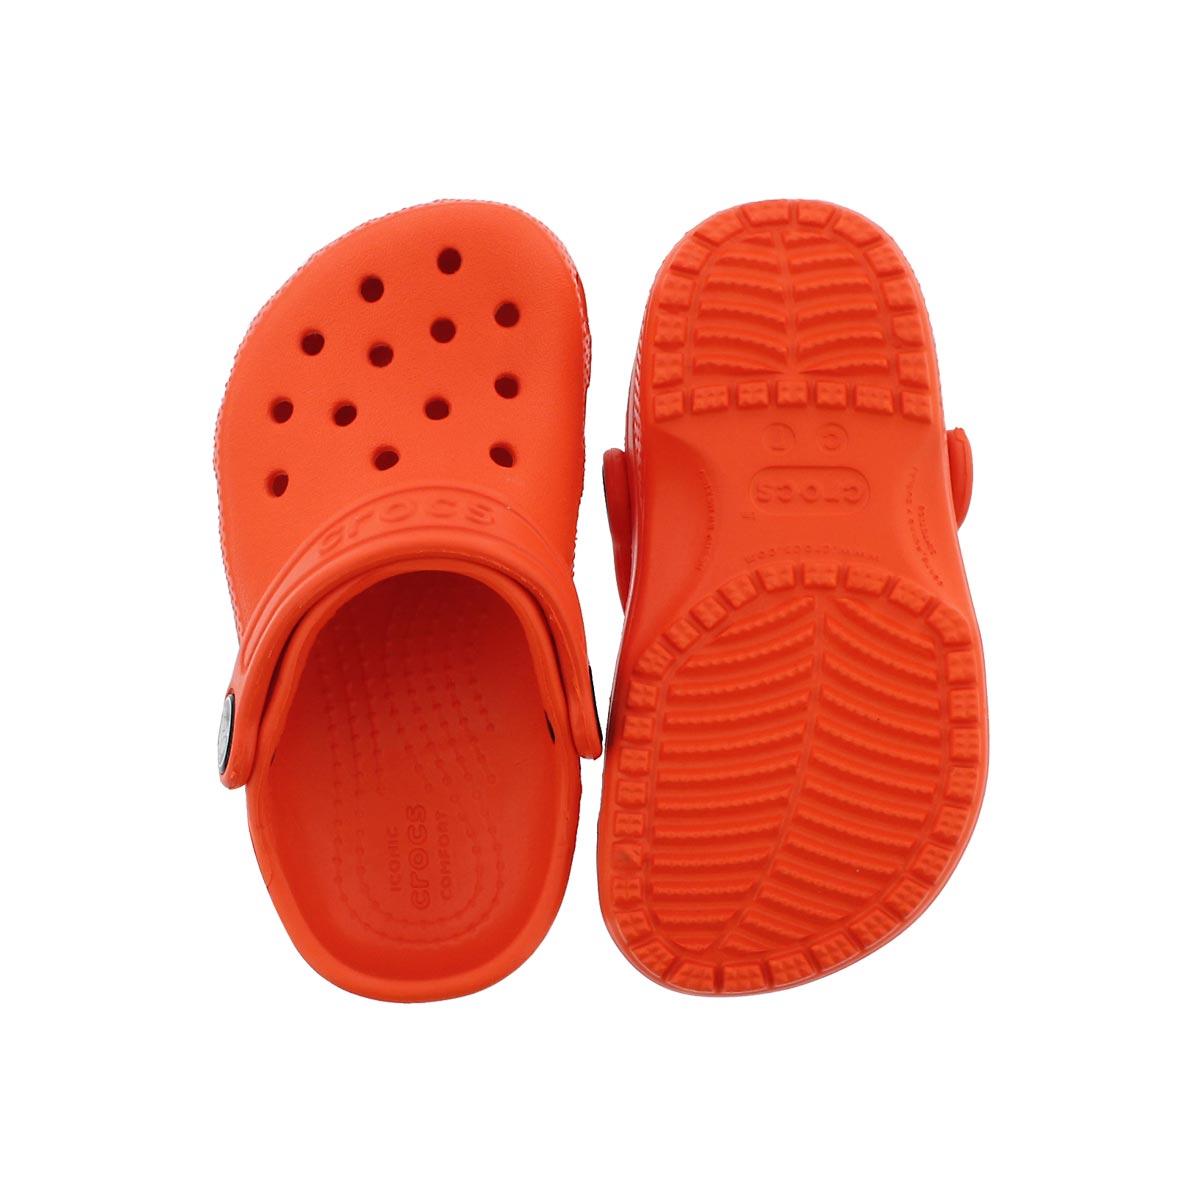 Infs Classic tangerine EVA comfort clog